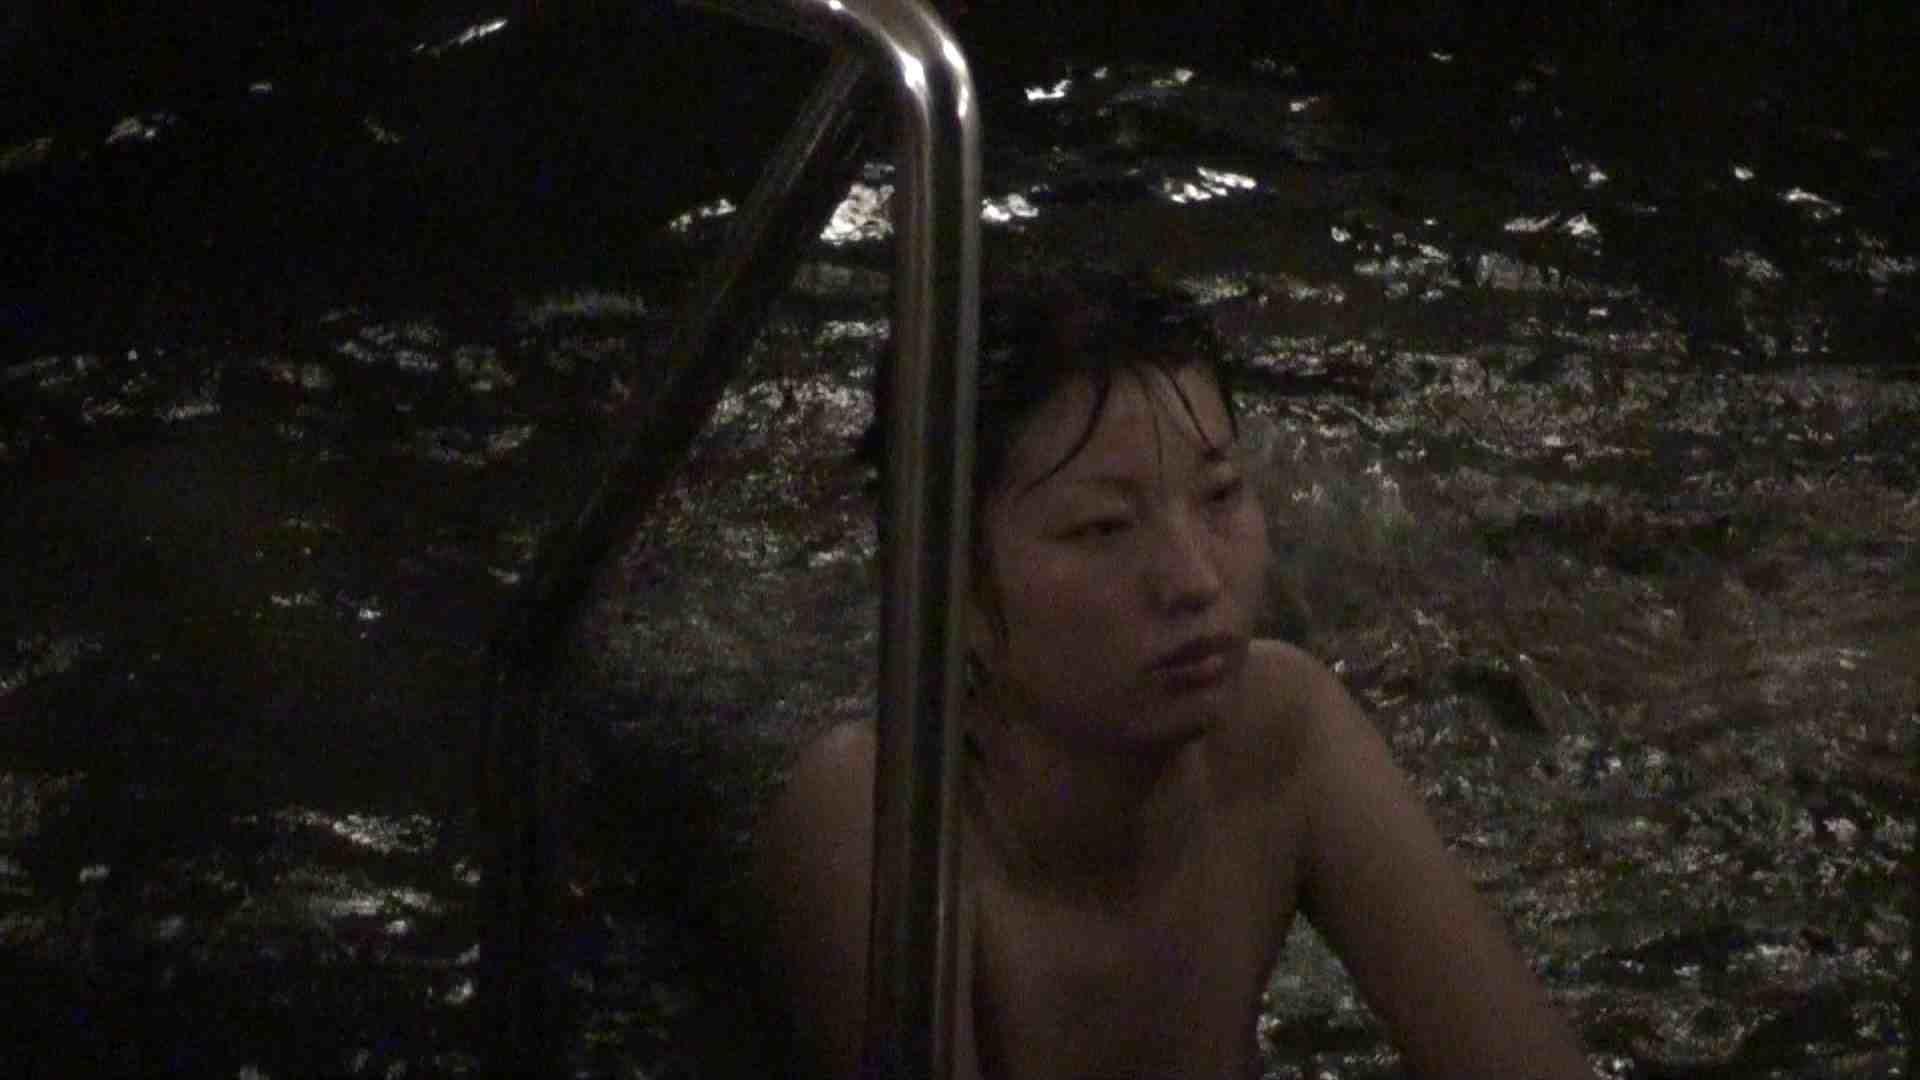 Aquaな露天風呂Vol.379 OL  90pic 48